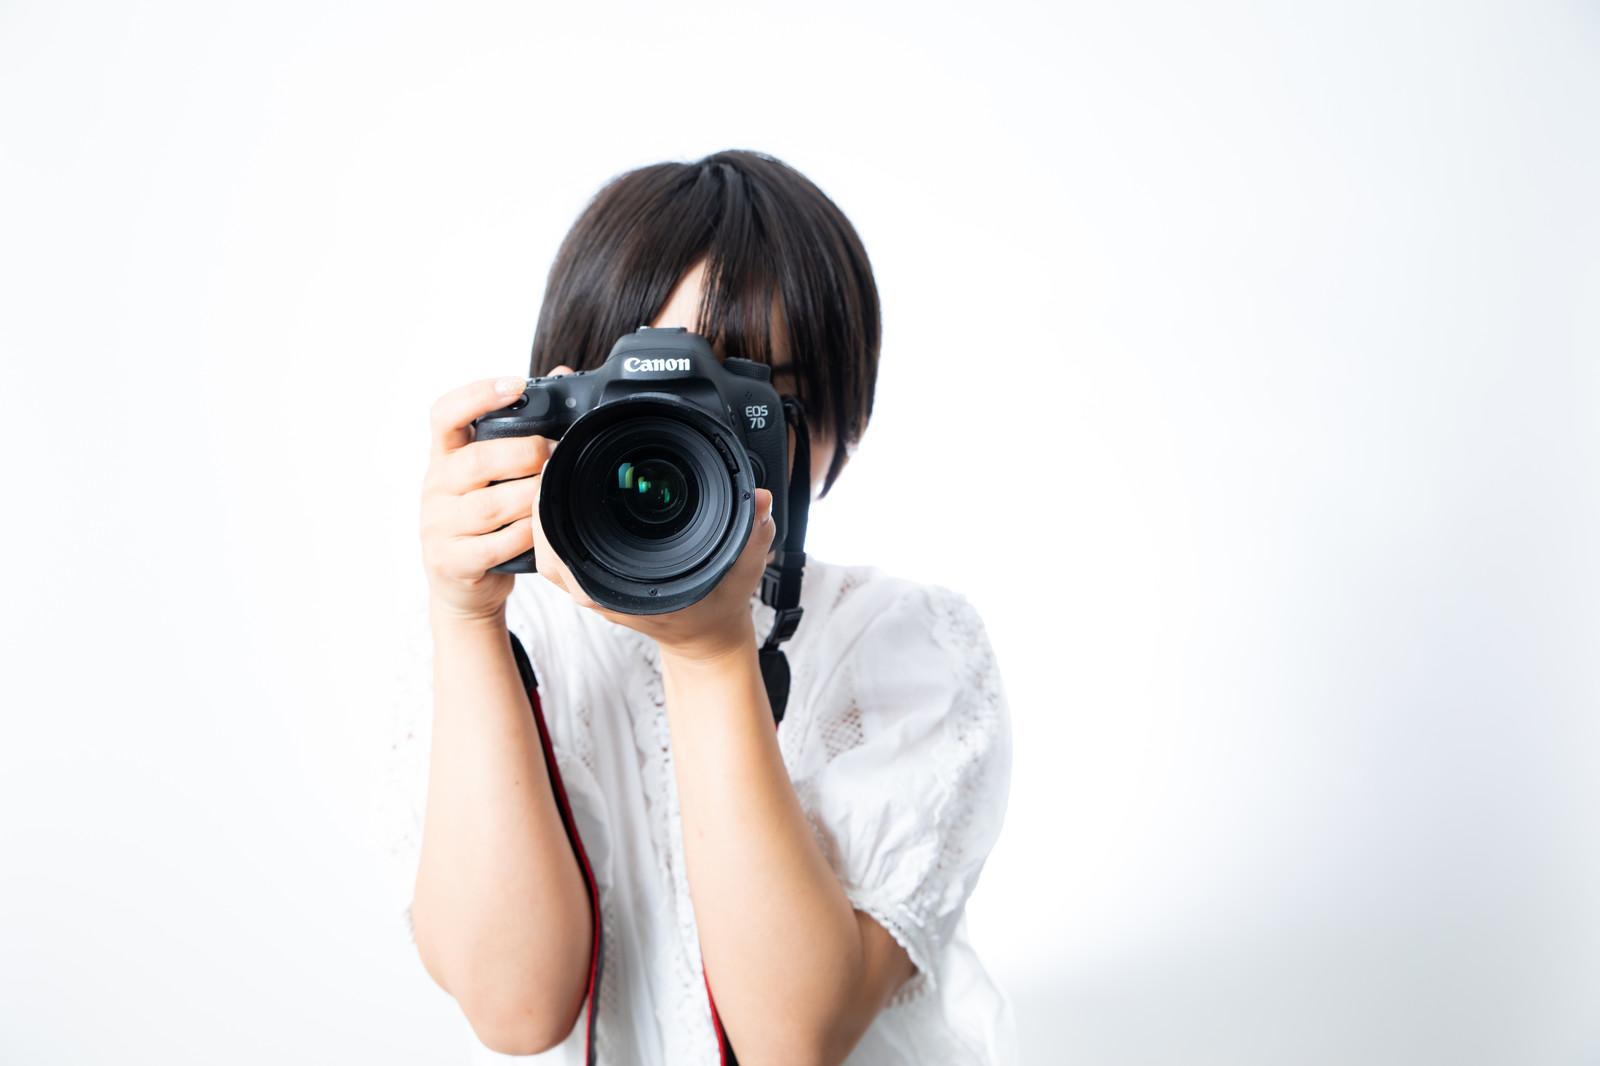 重要! 赤ちゃんの専門のカメラマンは誰を選べばよいの? 4つのポイント